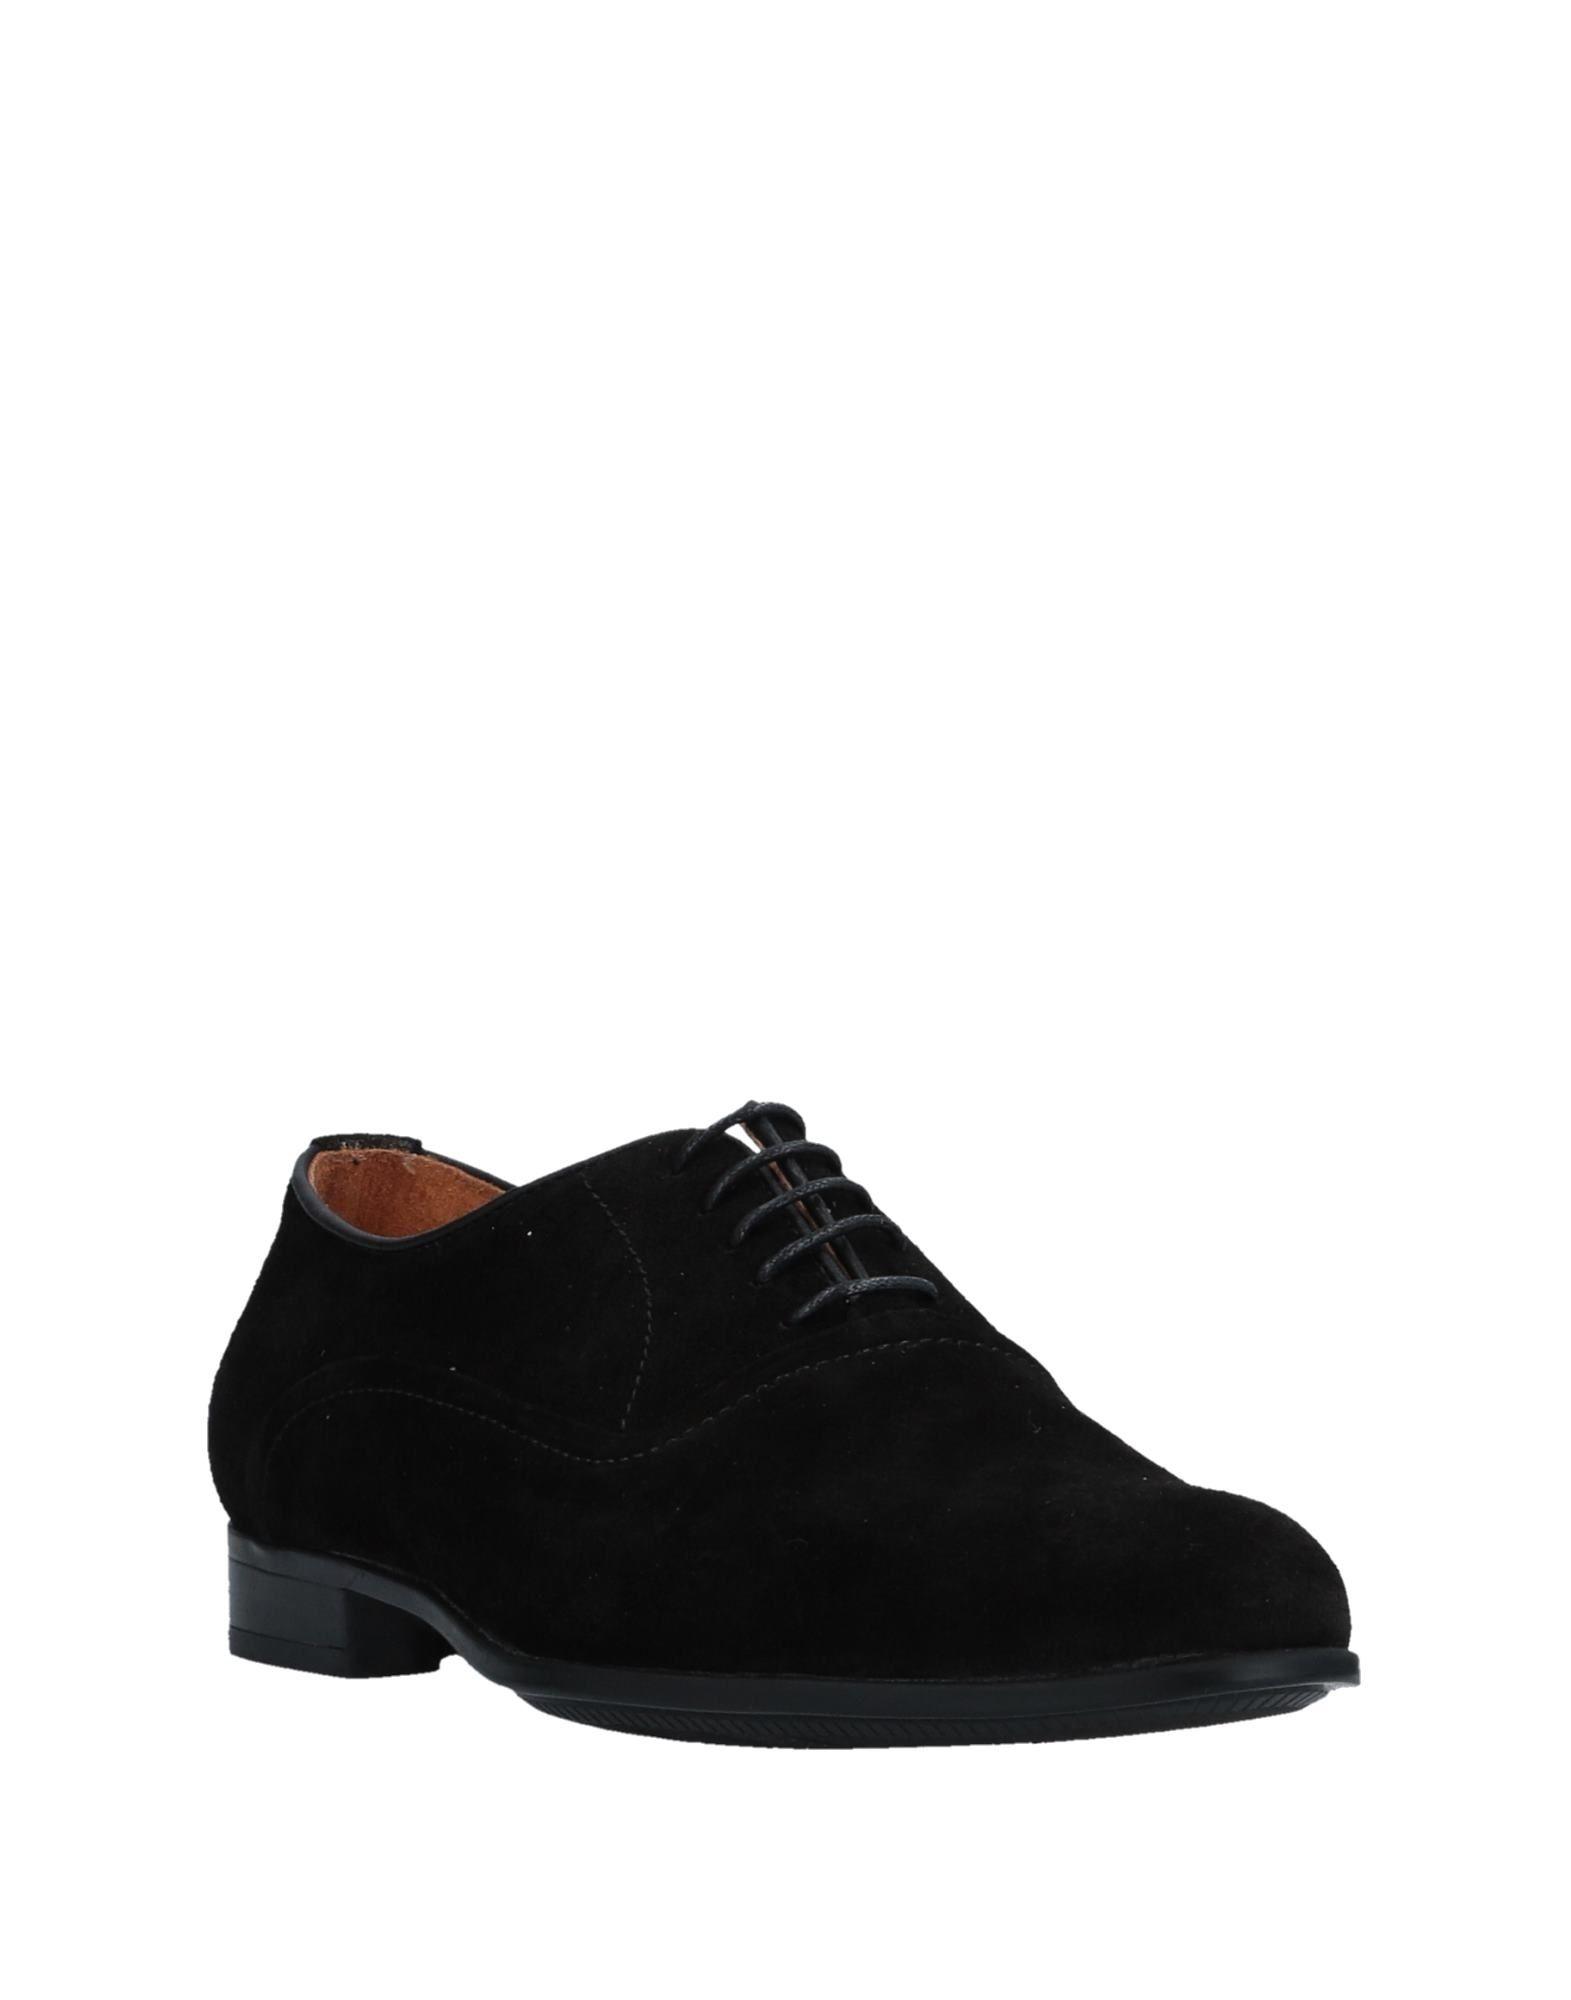 Cantarelli Schnürschuhe Herren  11507786VU Gute Qualität beliebte Schuhe